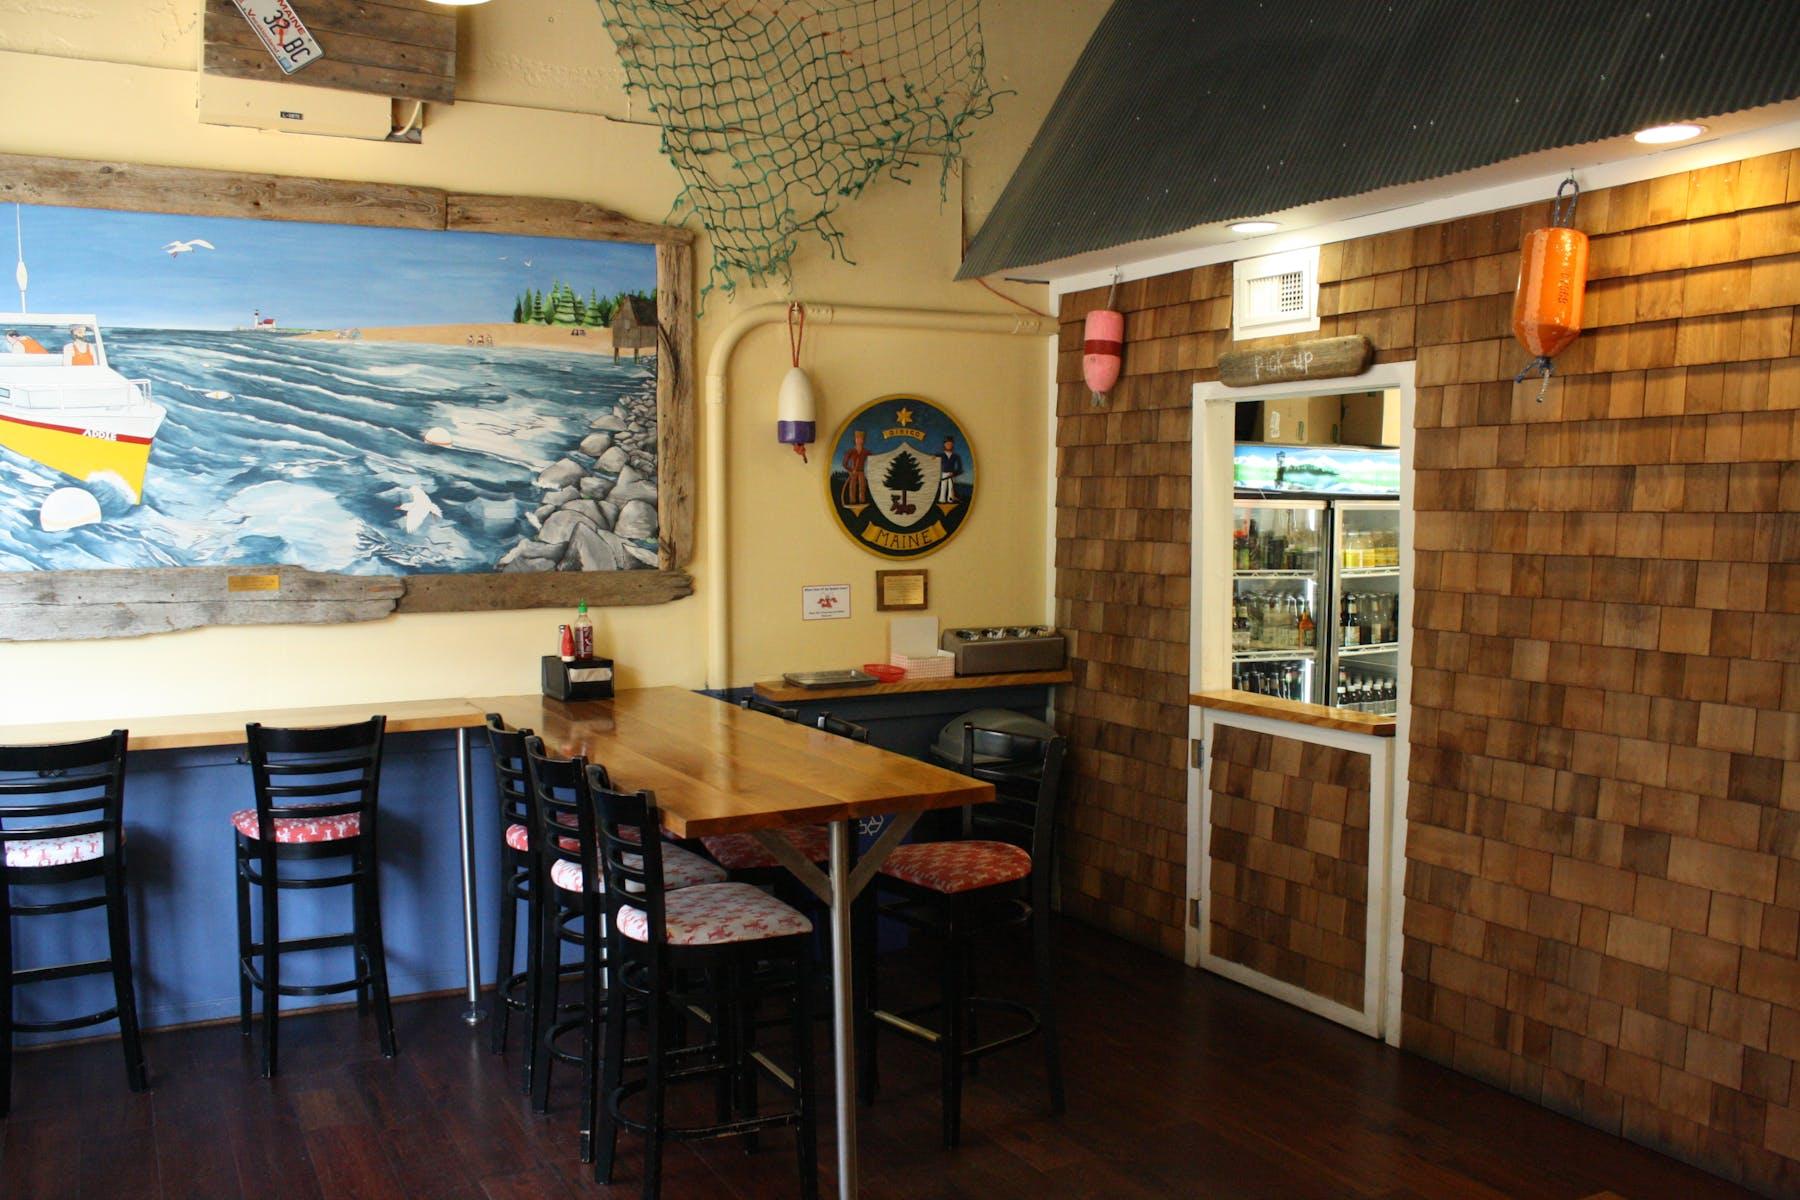 Best Steak And Seafood Restaurants In Charleston Sc